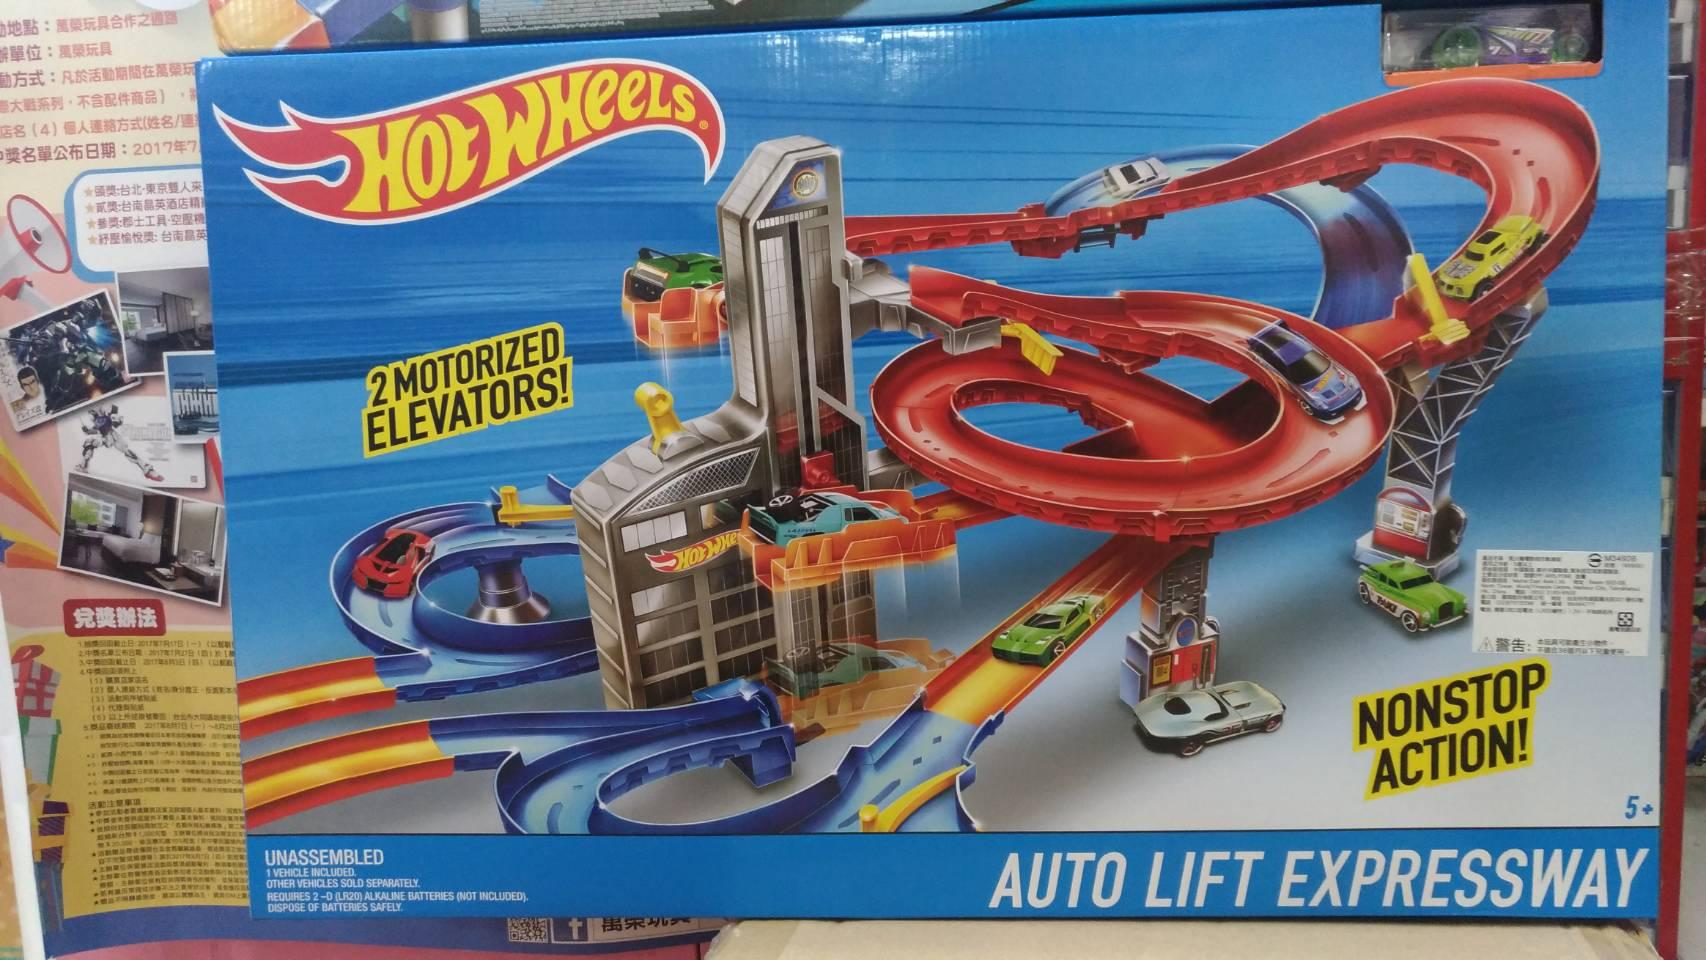 買一送ㄧ活動買LT-48315風火輪電動城市軌道組加送風火輪電動洗車軌道組